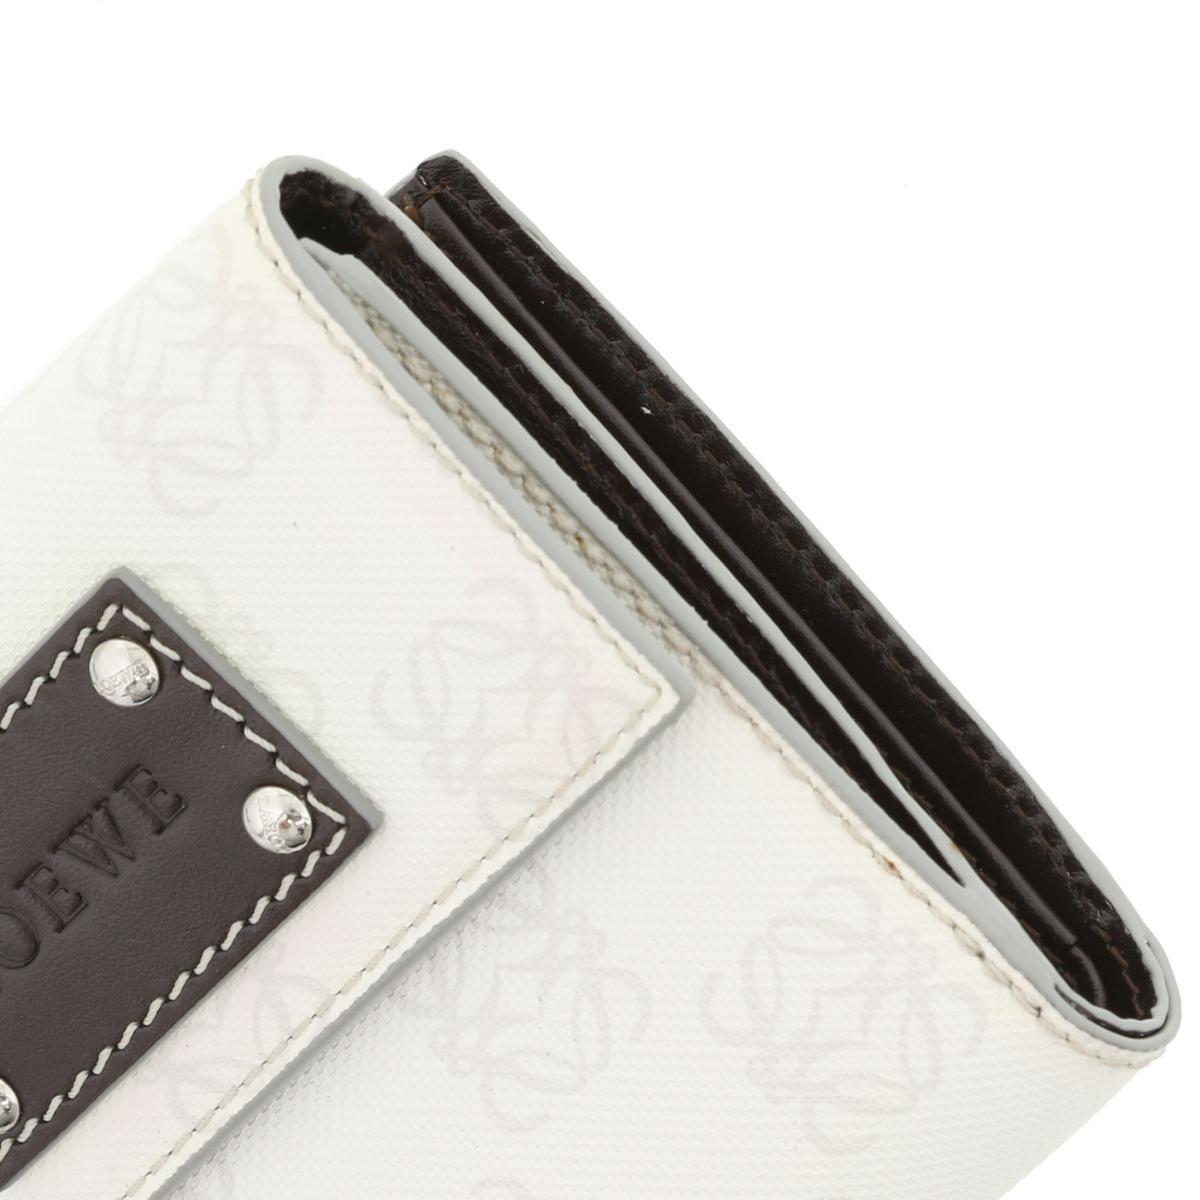 【中古】LOEWE (ロエベ) Wホック 二つ折り財布 財布 二つ折り財布(小銭入有)  White/ホワイト  used:B